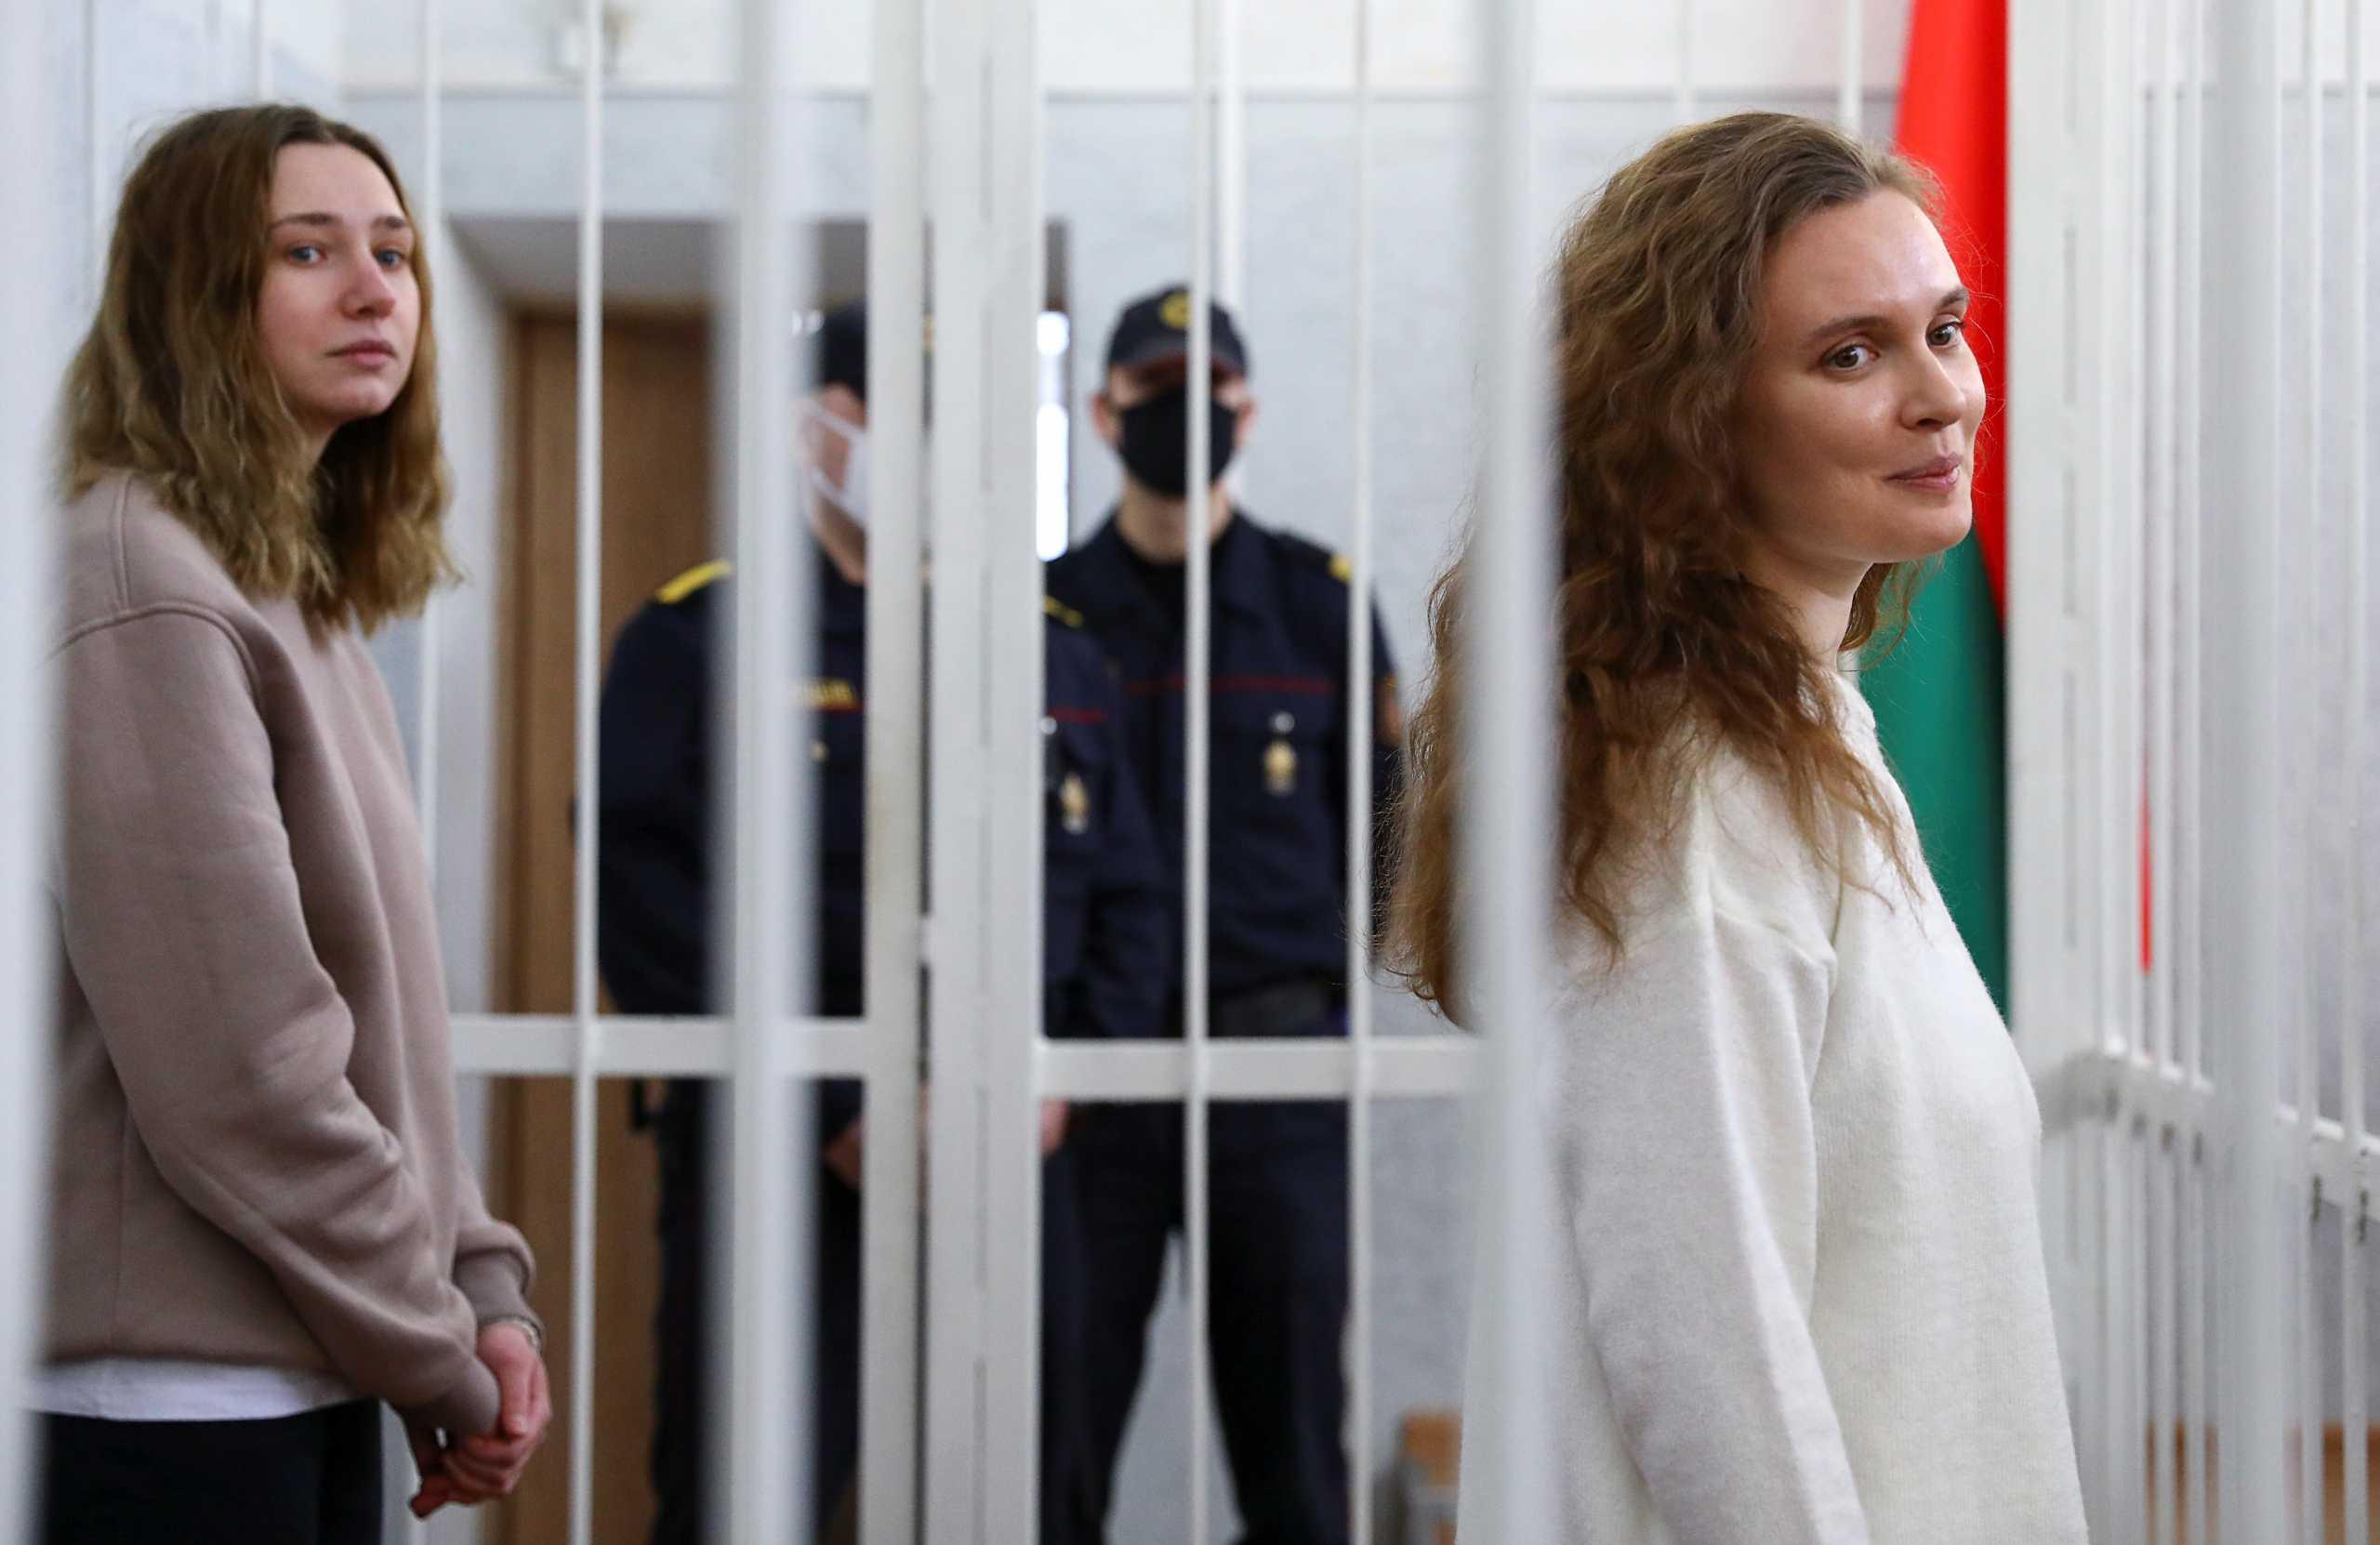 Λευκορωσία: Καταδικάστηκαν δύο δημοσιογράφοι επειδή κάλυπταν τις διαδηλώσεις (pics)